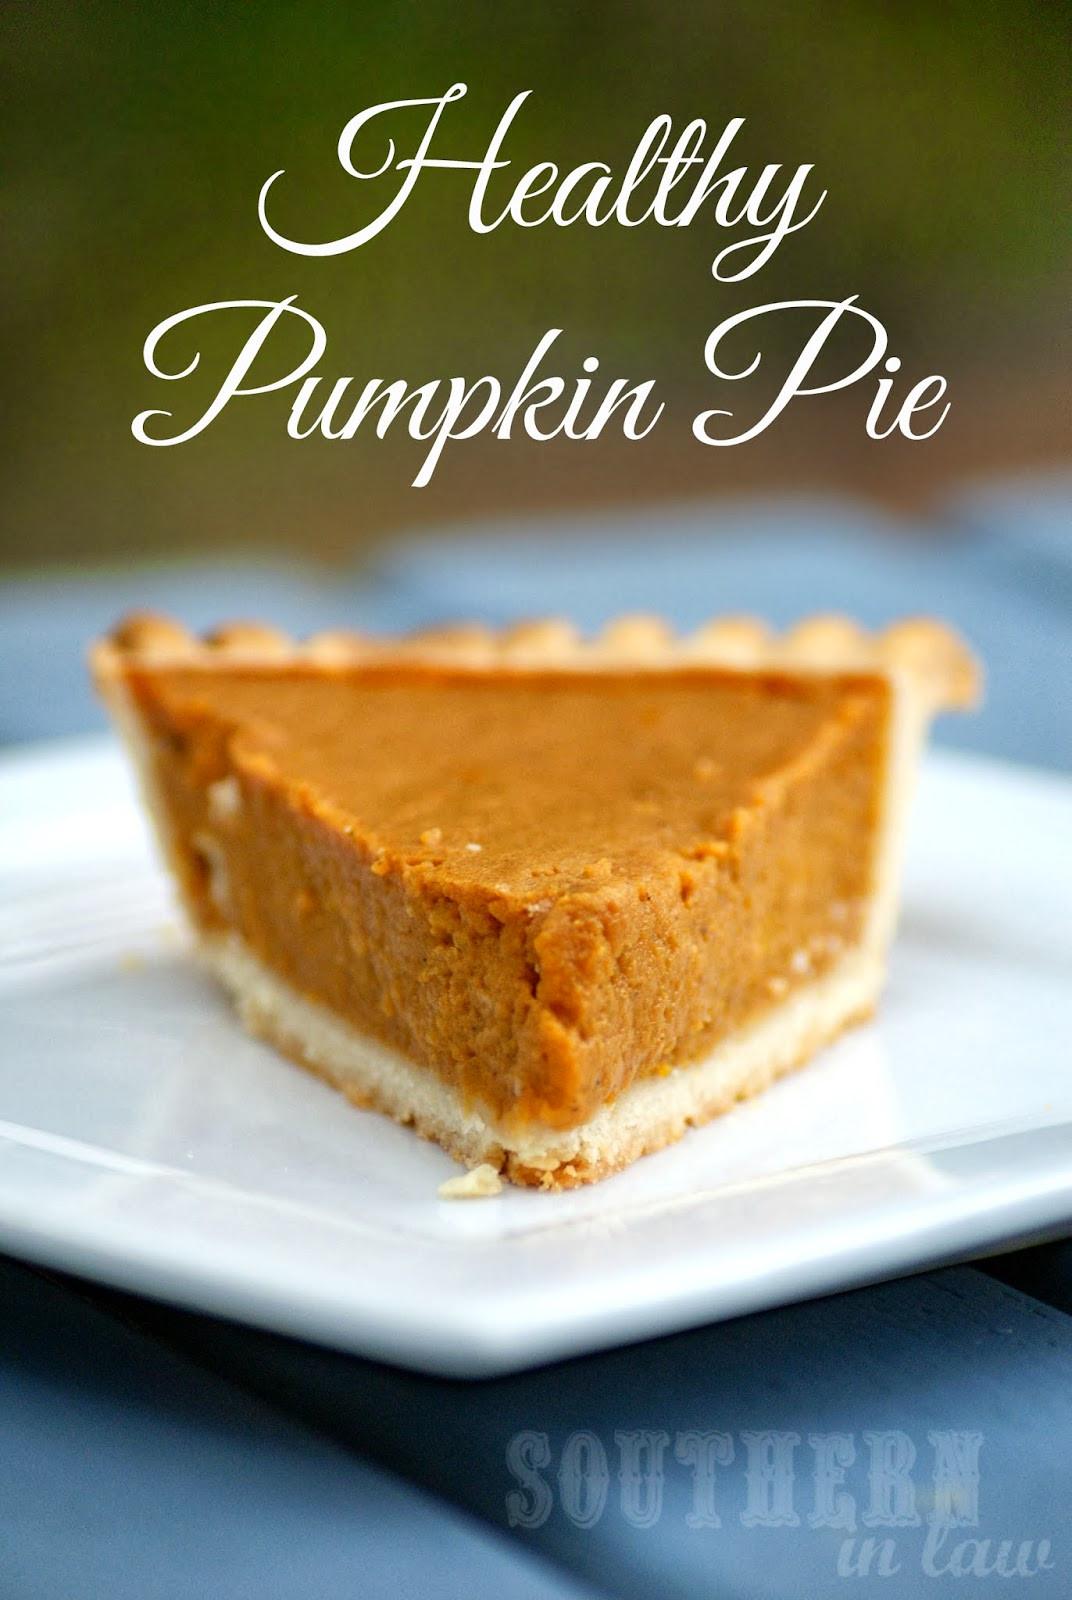 Healthy Pumpkin Pie Filling Best 20 southern In Law Healthy Pumpkin Pie Recipe